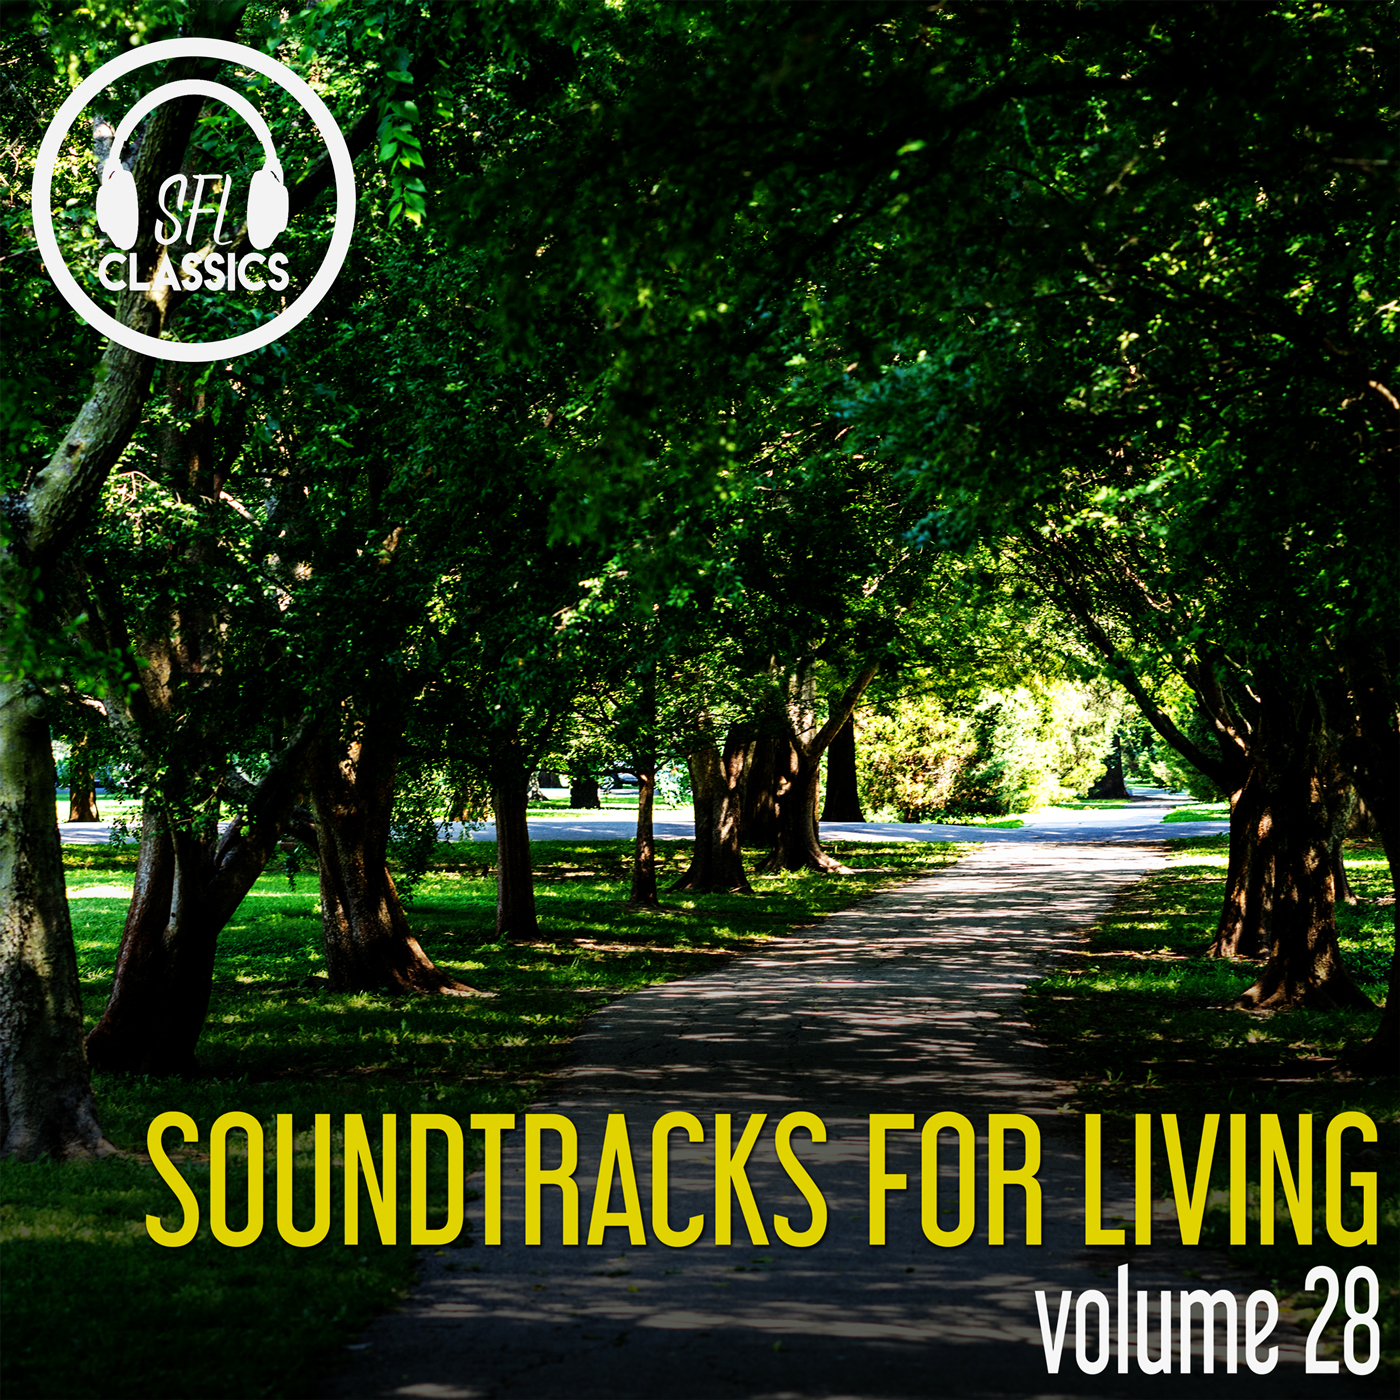 SFL Classics: Volume 28